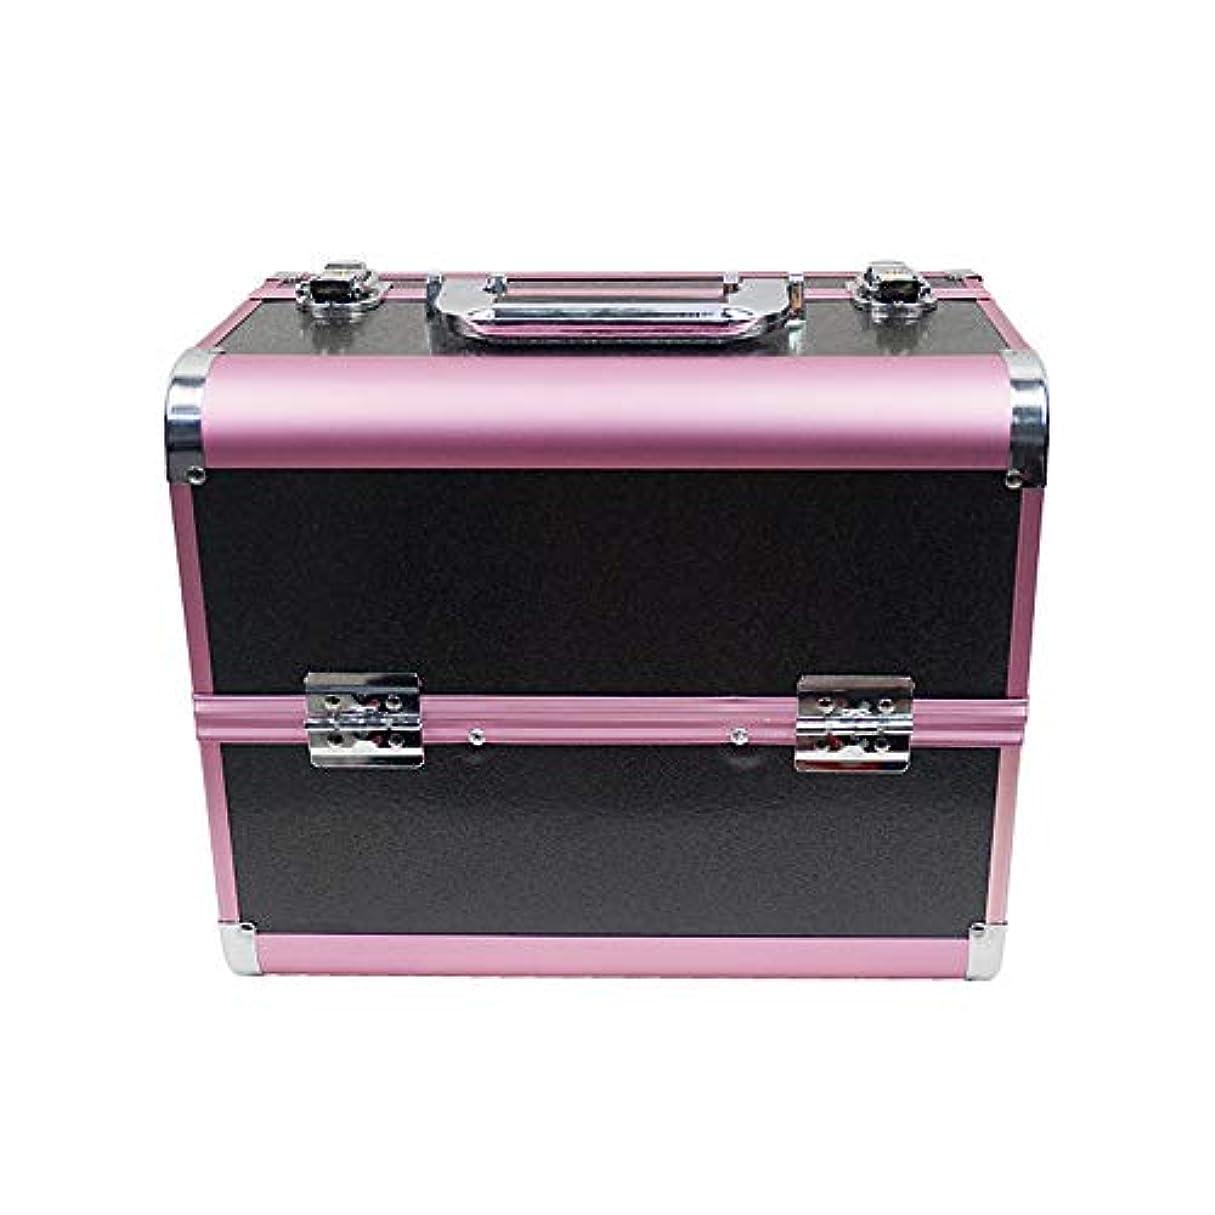 化粧オーガナイザーバッグ 大容量ポータブル化粧ケース(トラベルアクセサリー用)シャンプーボディウォッシュパーソナルアイテム収納トレイ 化粧品ケース